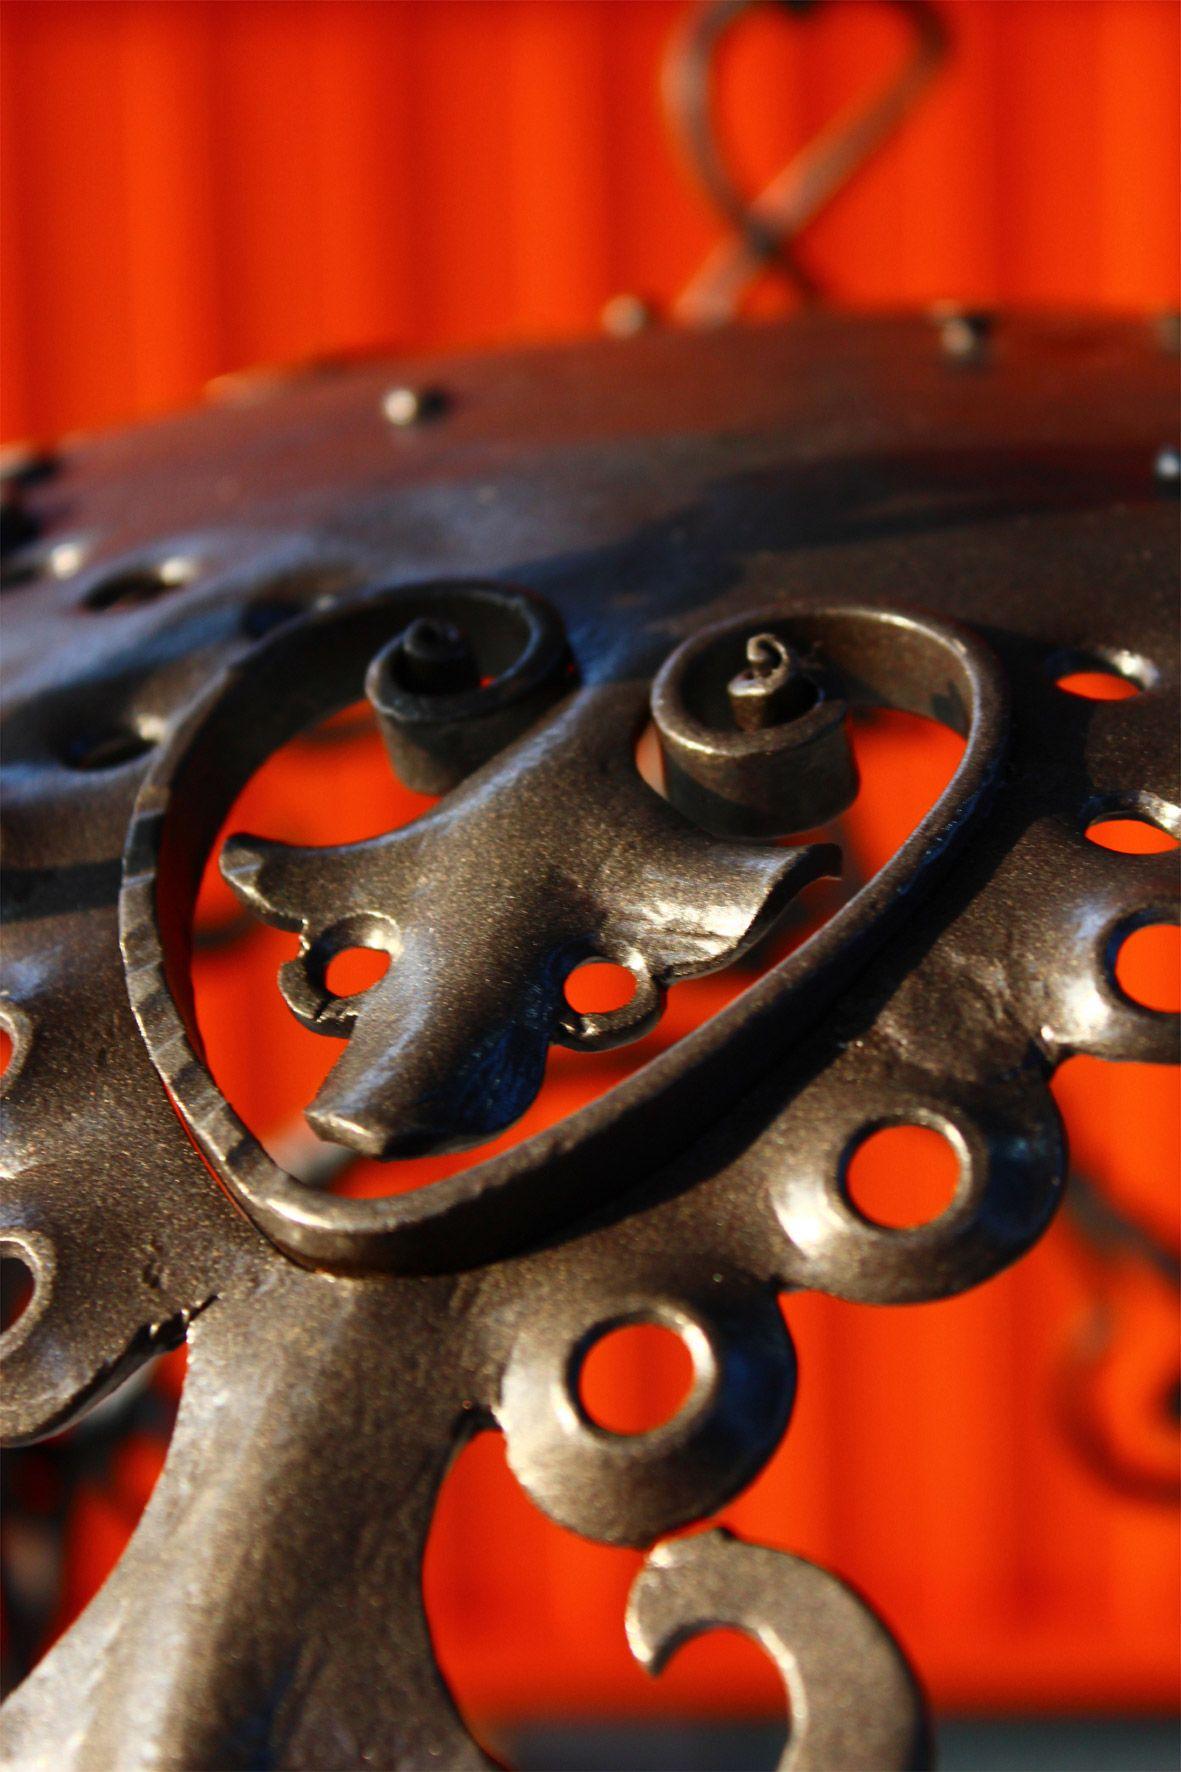 Lampadario realizzato a mano in ferro battuto, anni '30. Officine Locati Monza.